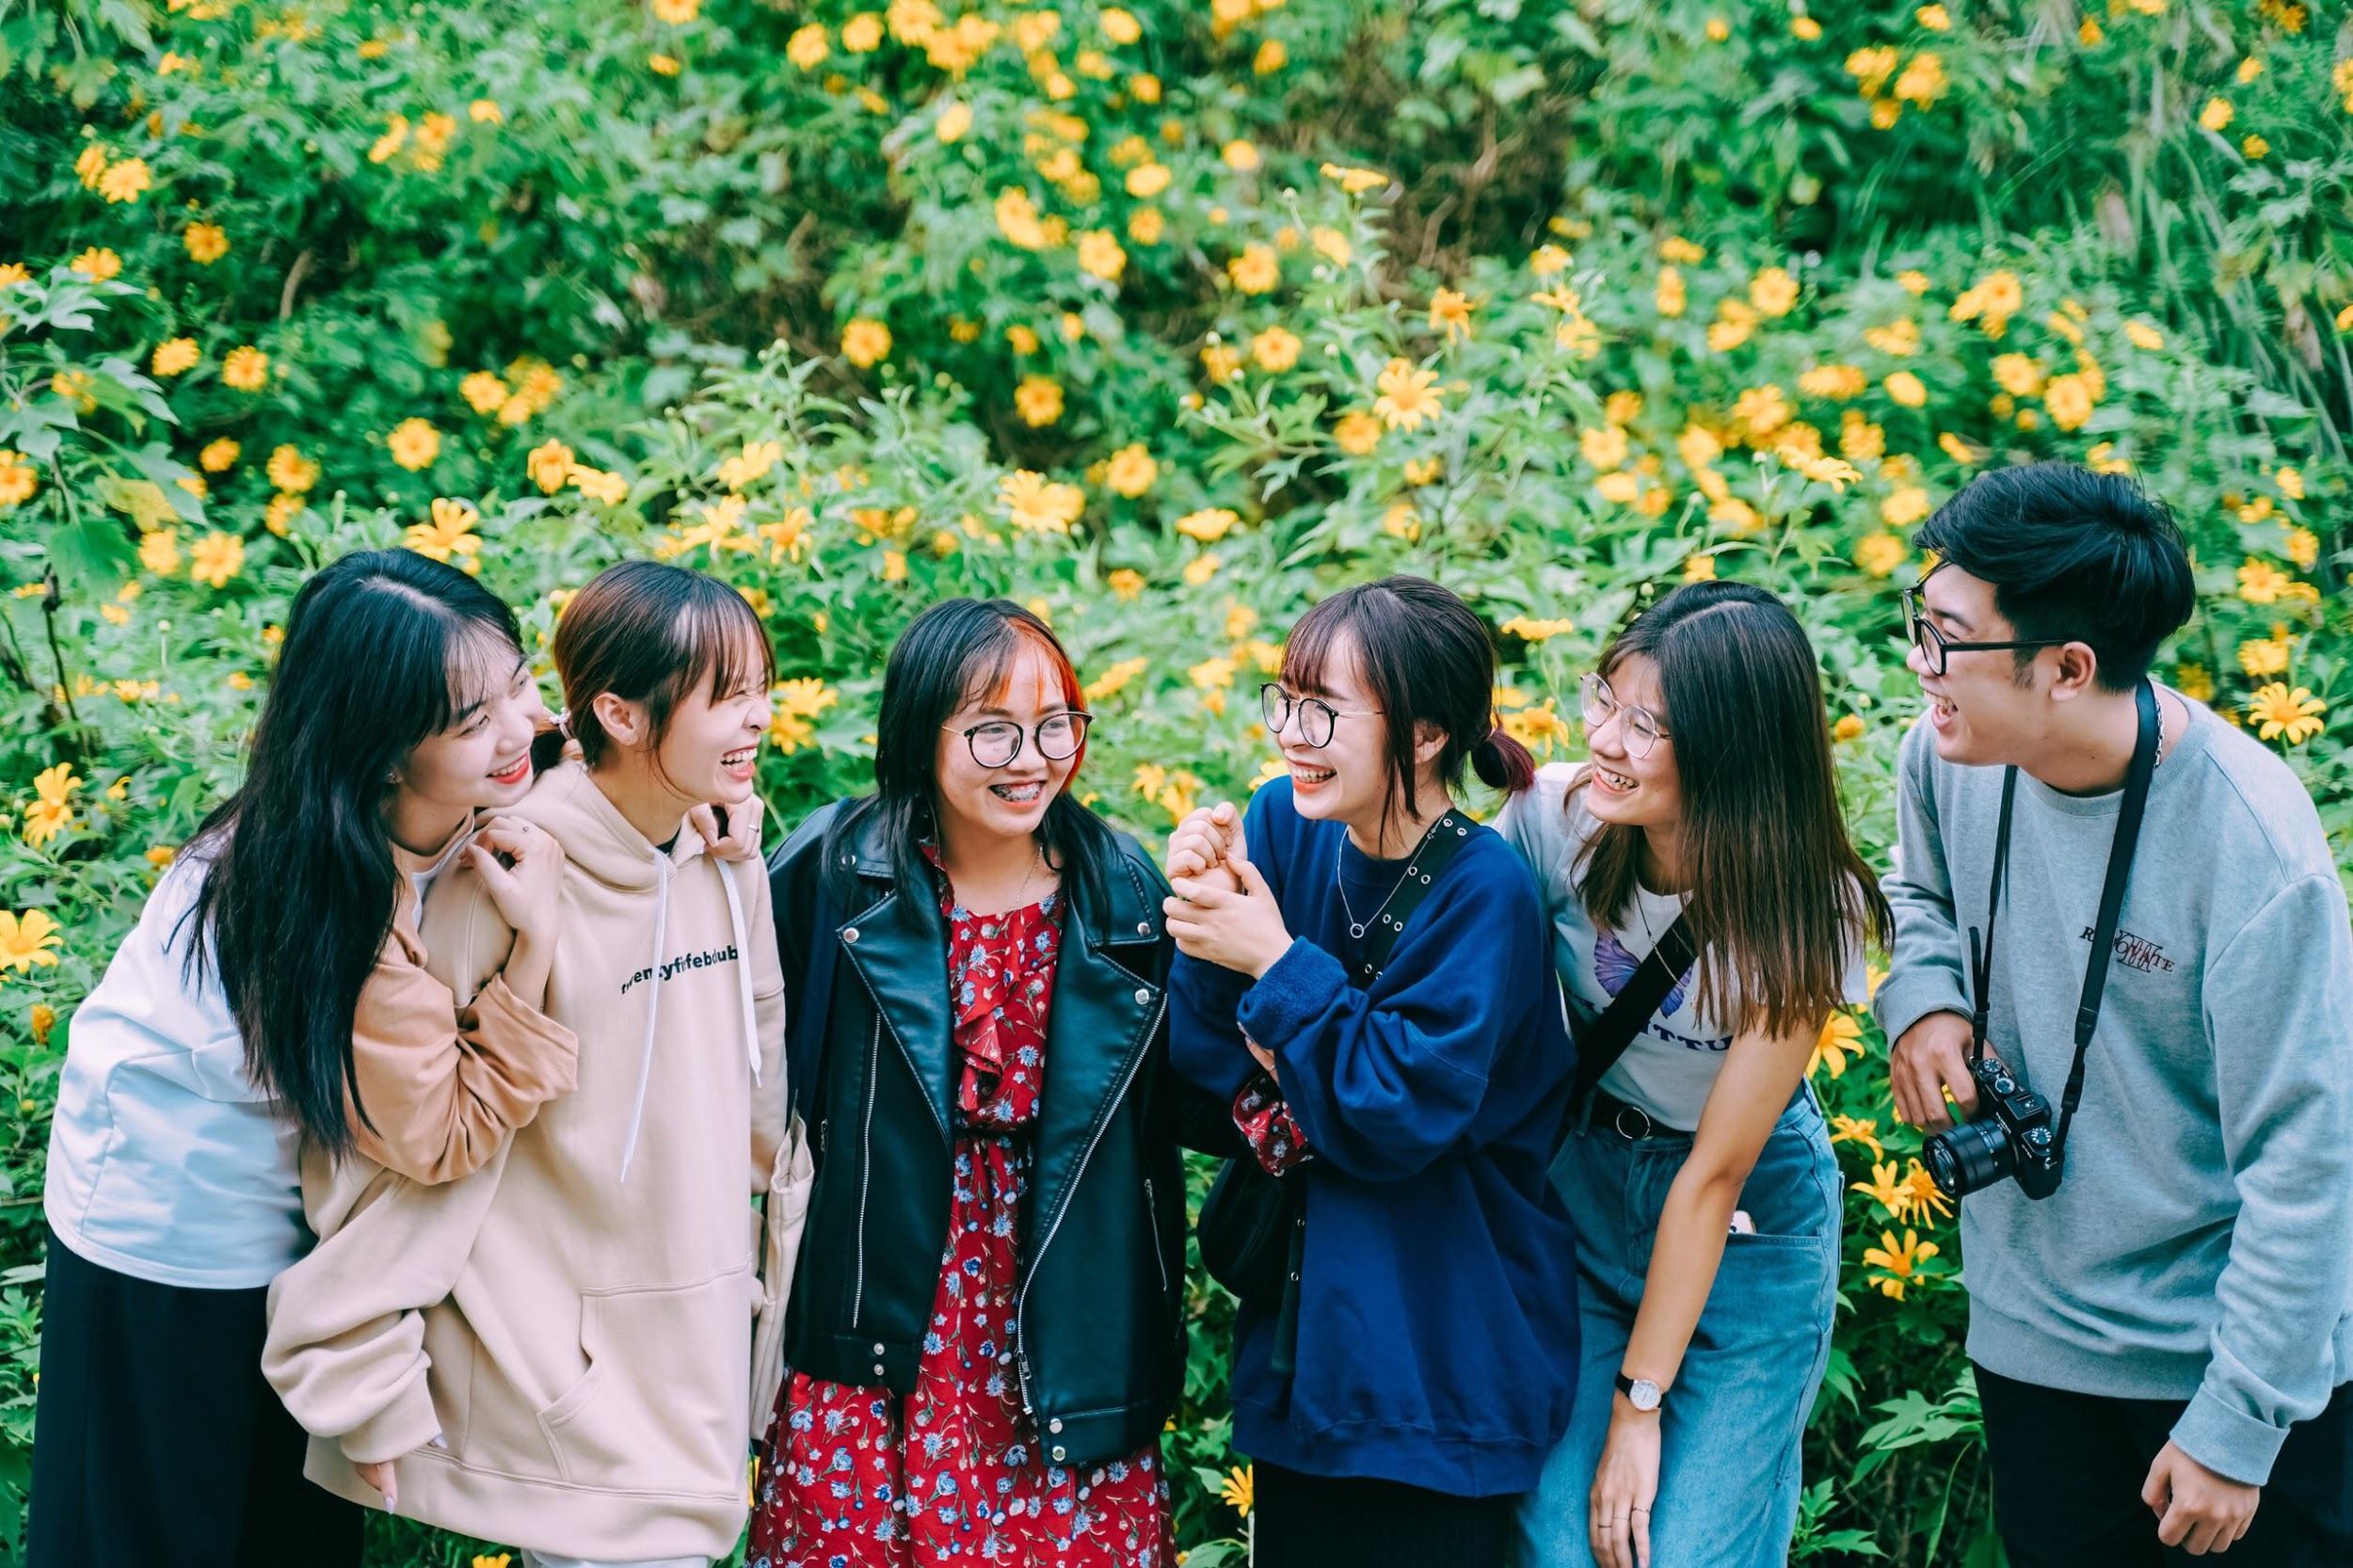 Giới trẻ nô nức check-in, khoe ảnh bên sắc hoa dã quỳ - 1